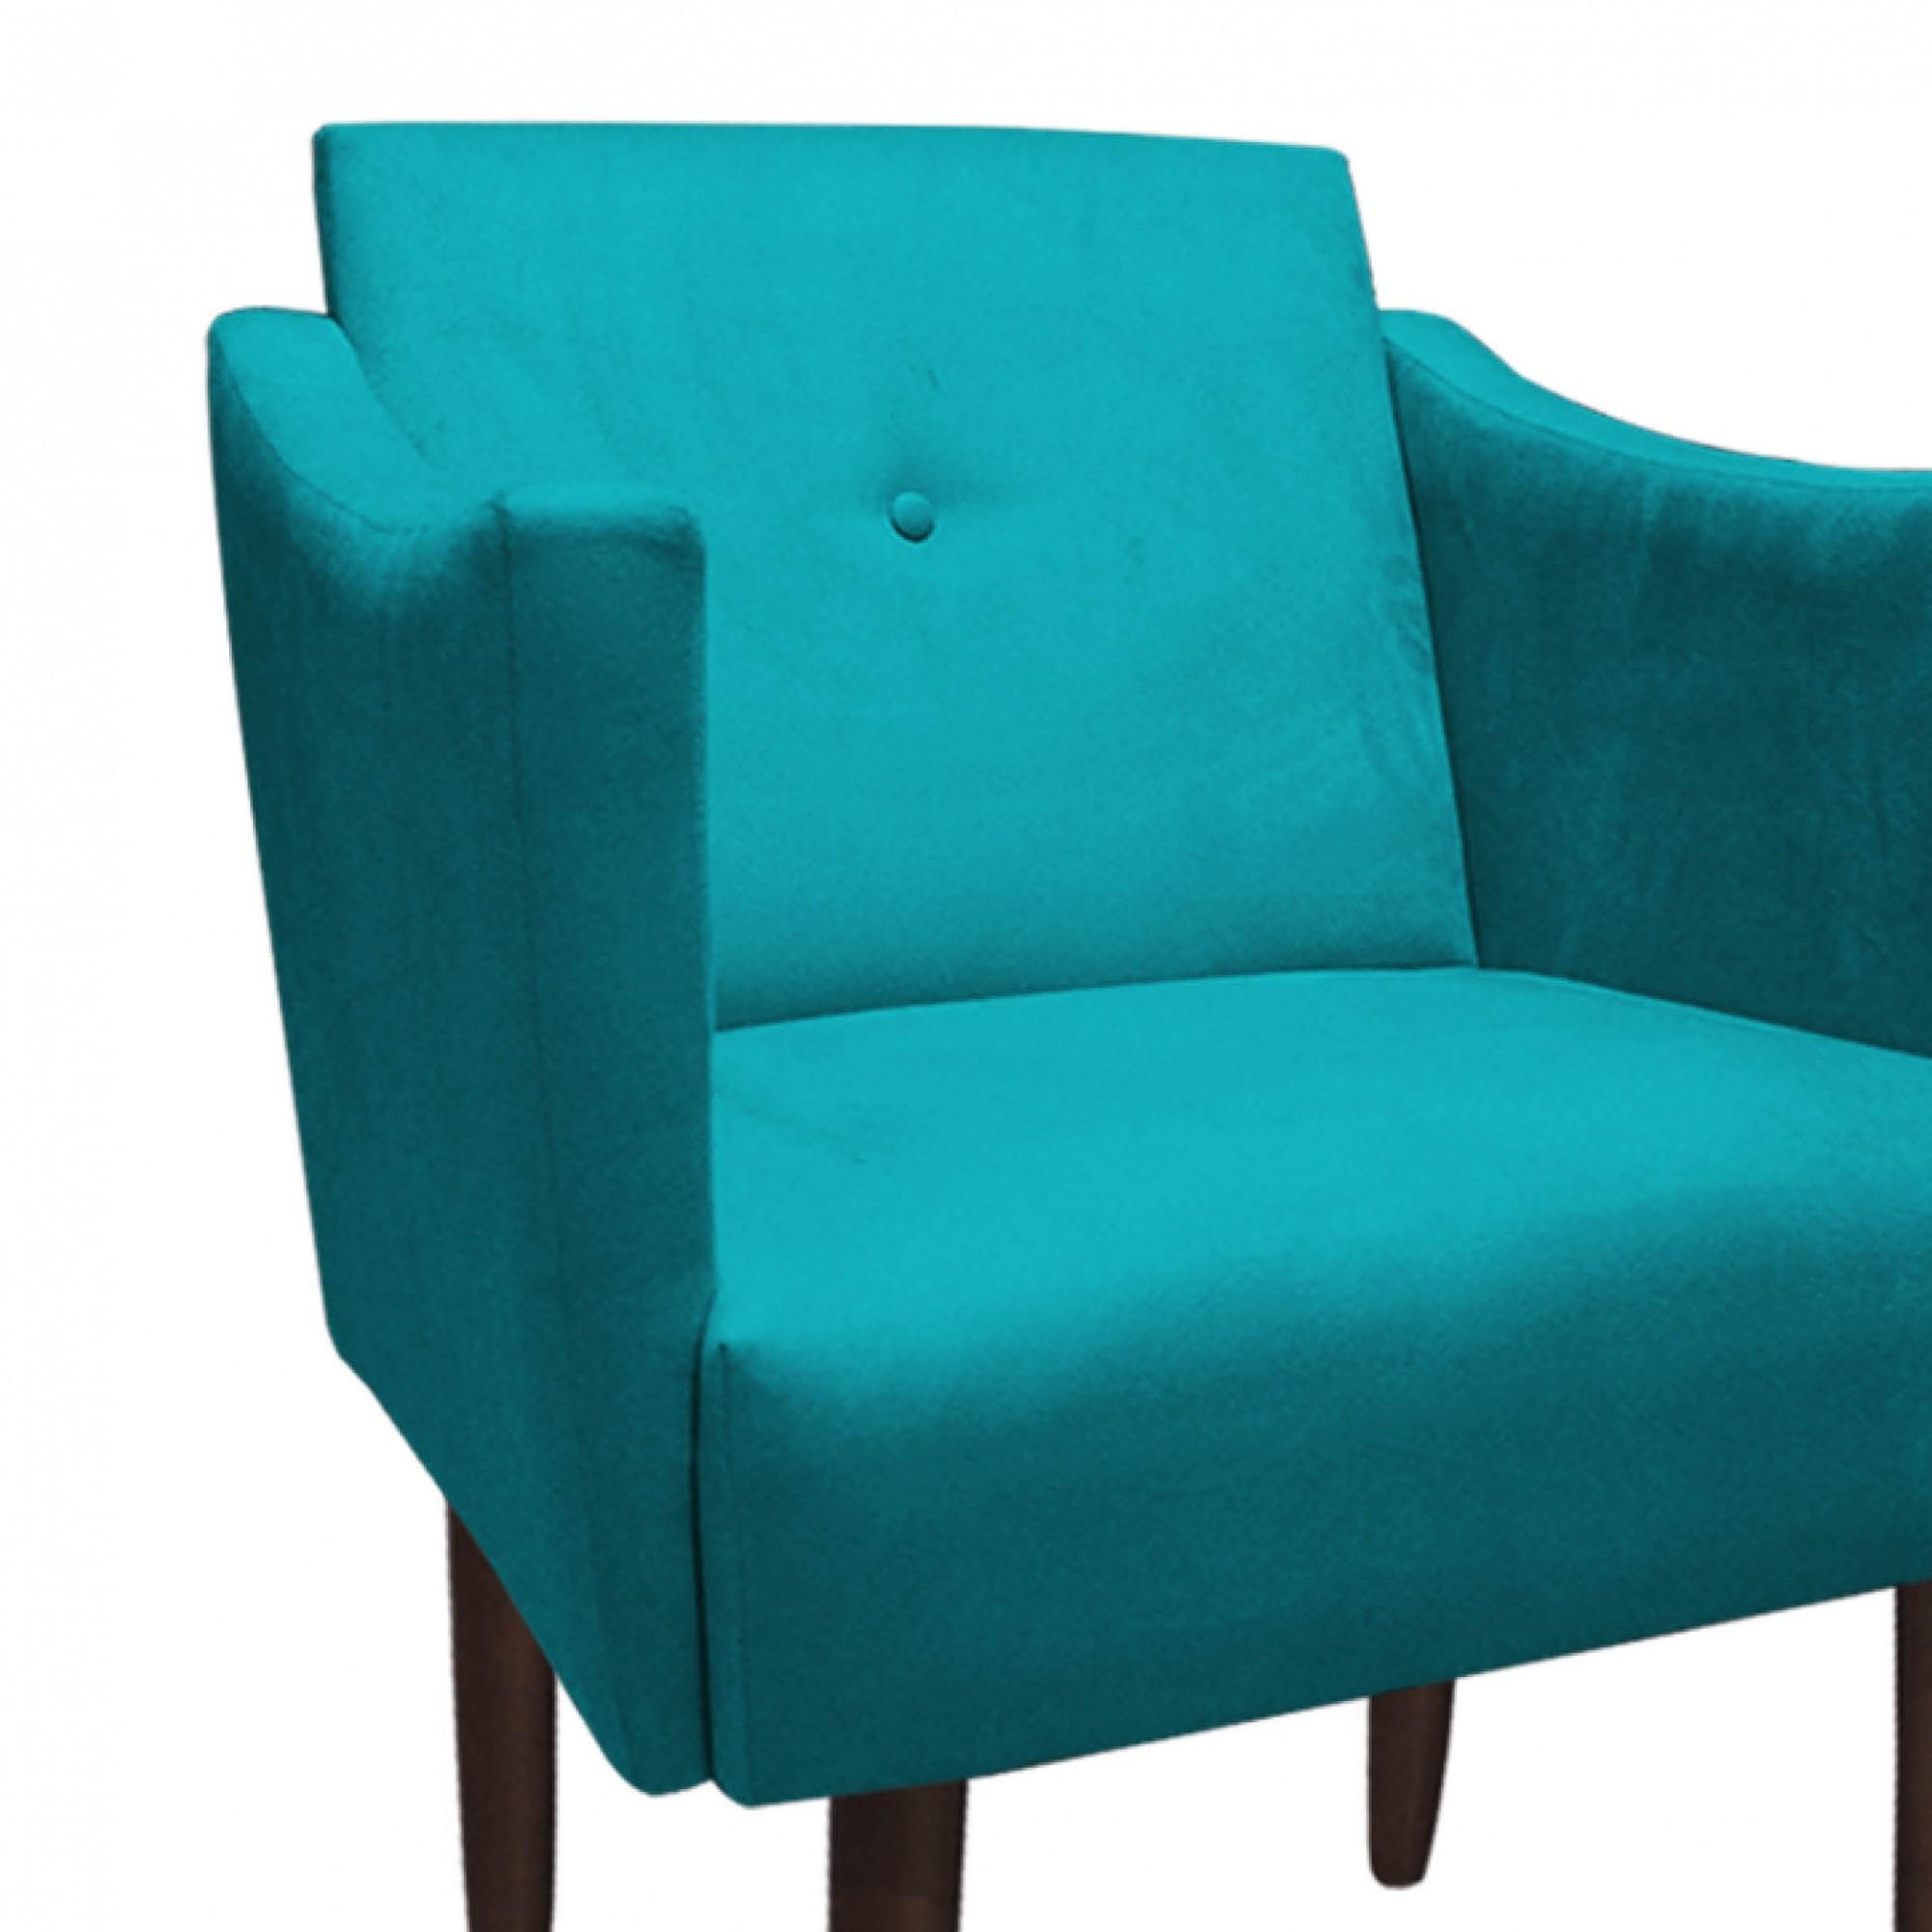 Poltrona Naty Decorativa Sala de Estar Recepção Pé Palito Suede Azul Tifany D05 - D´Classe Decor